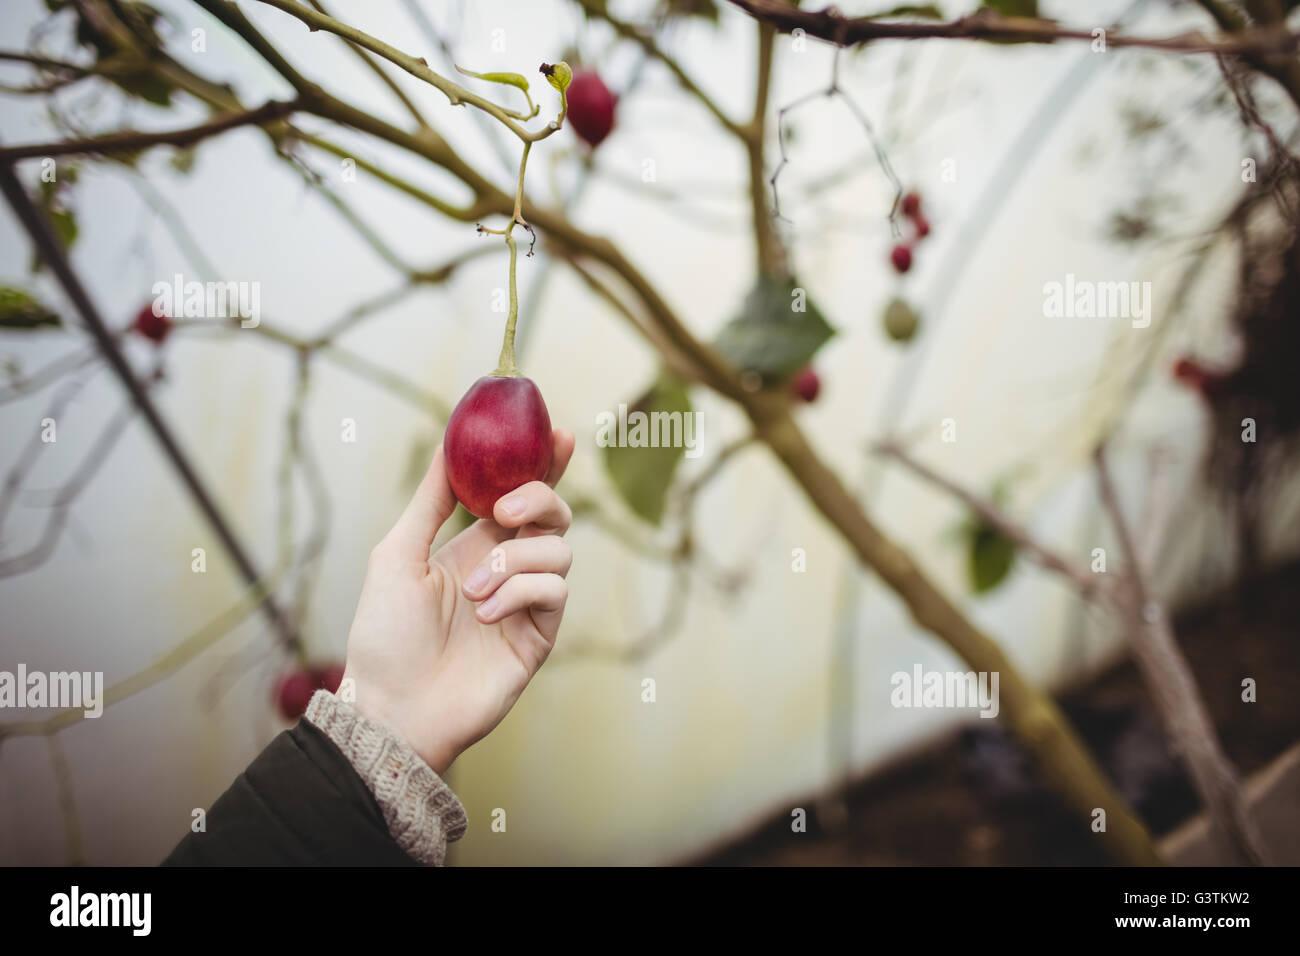 Beschnitten, Hipster Menschenbild Kommissionierung eine Pflaume Stockbild